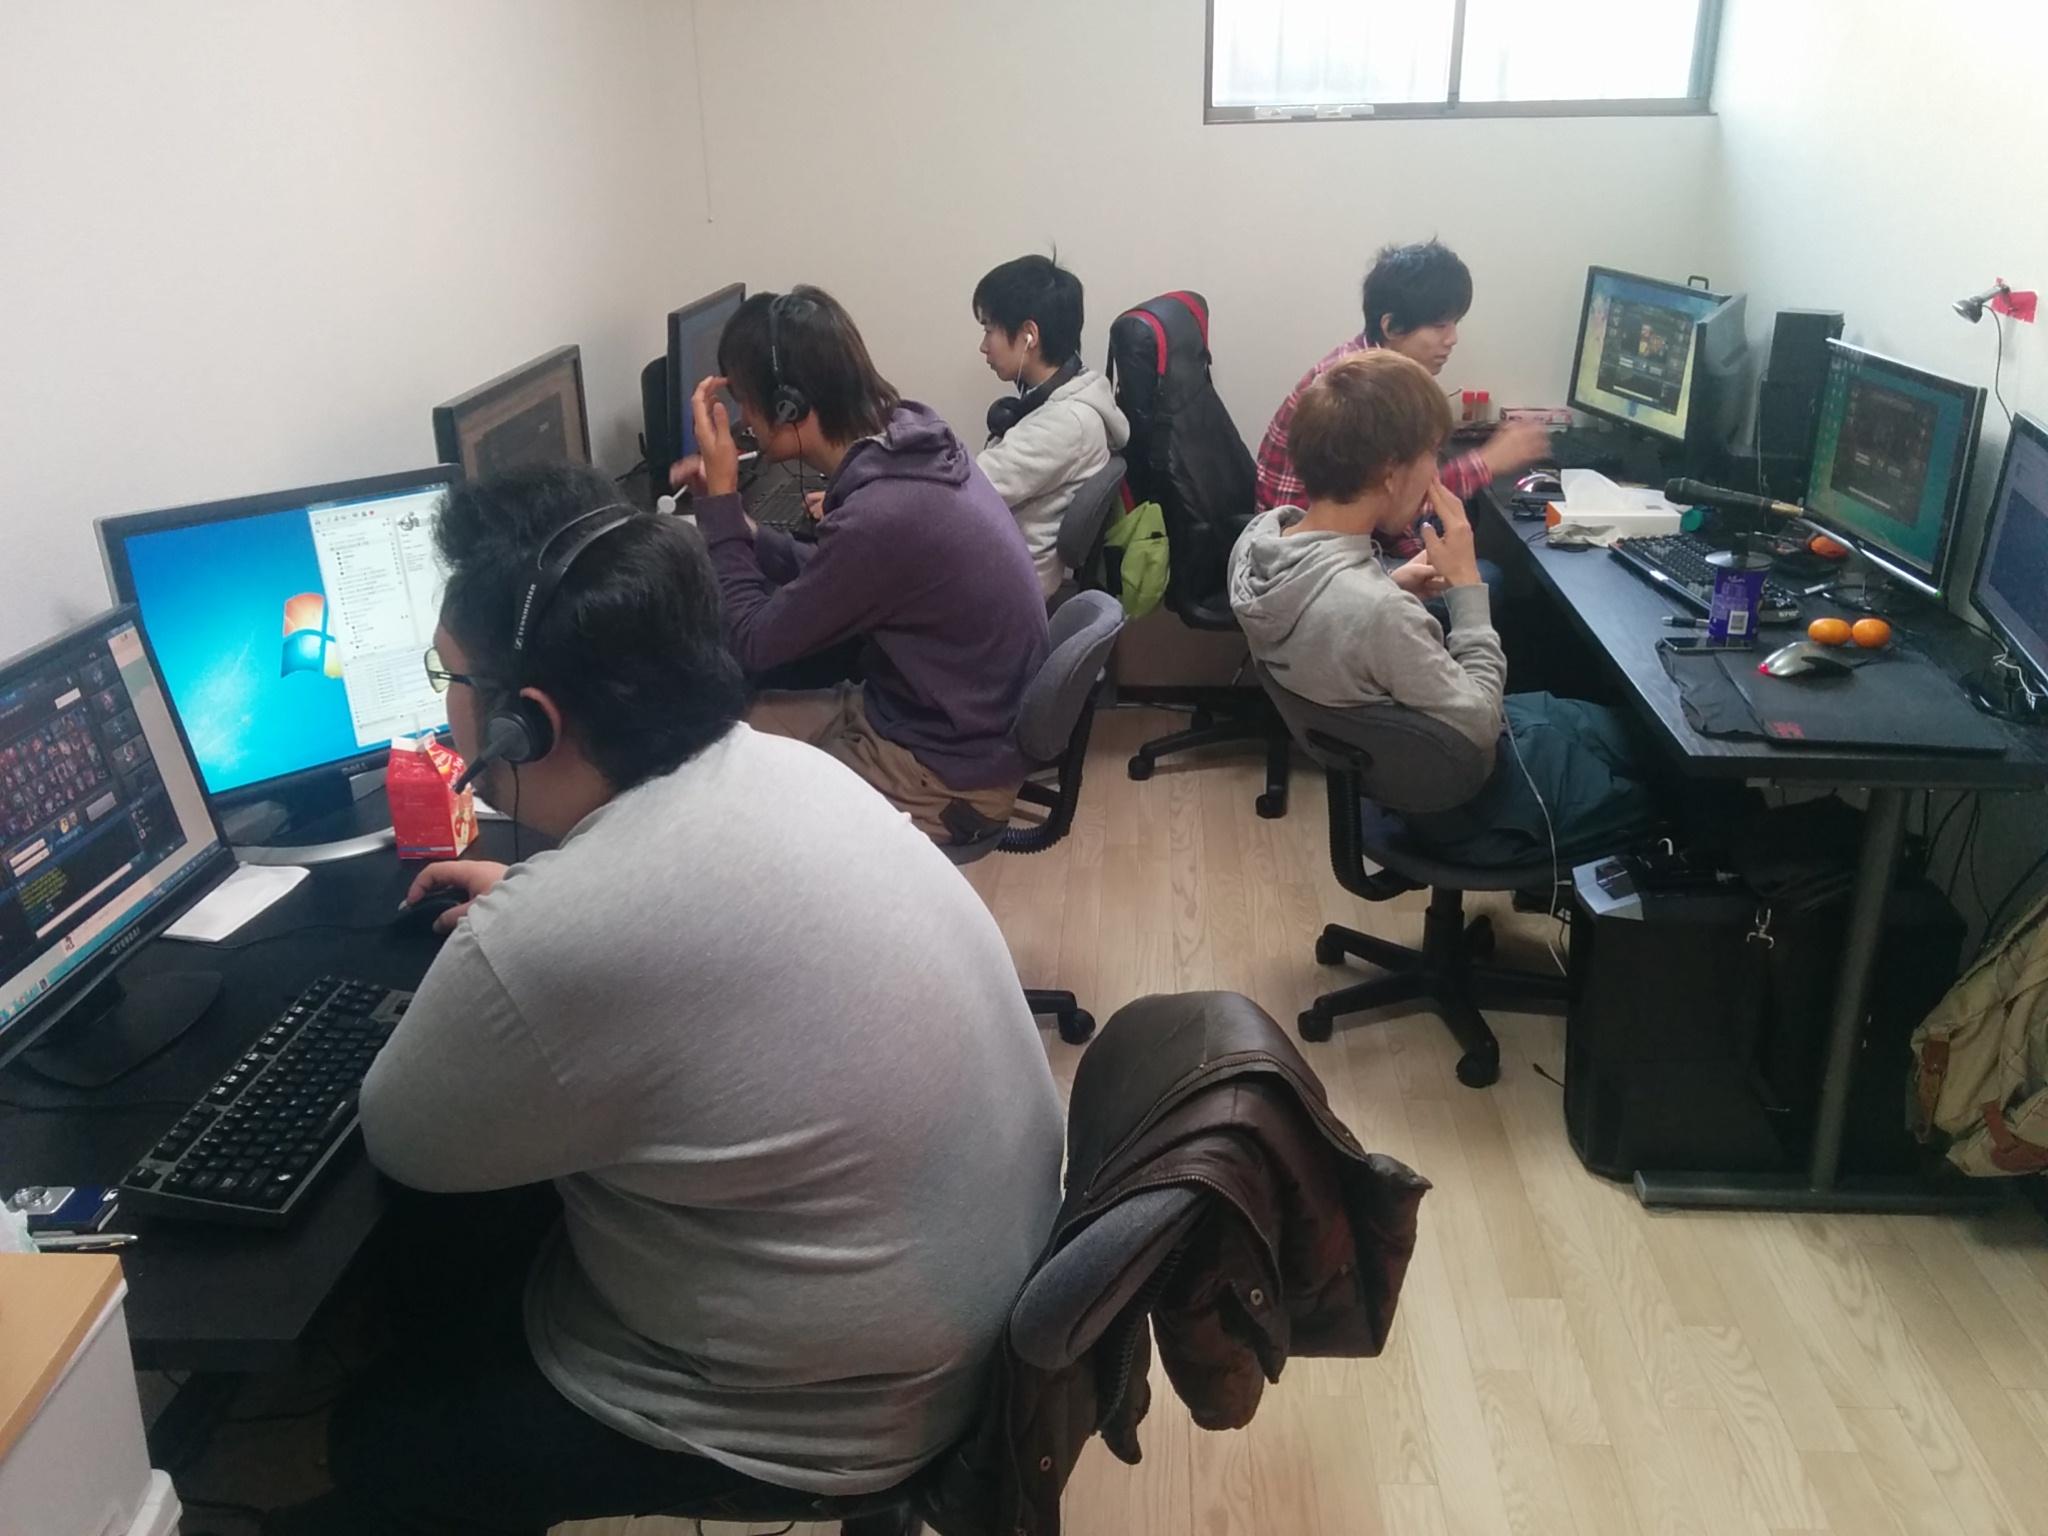 普段練習しているゲームルーム。オンライン戦の場合はここがそのまま真剣勝負の場となる。